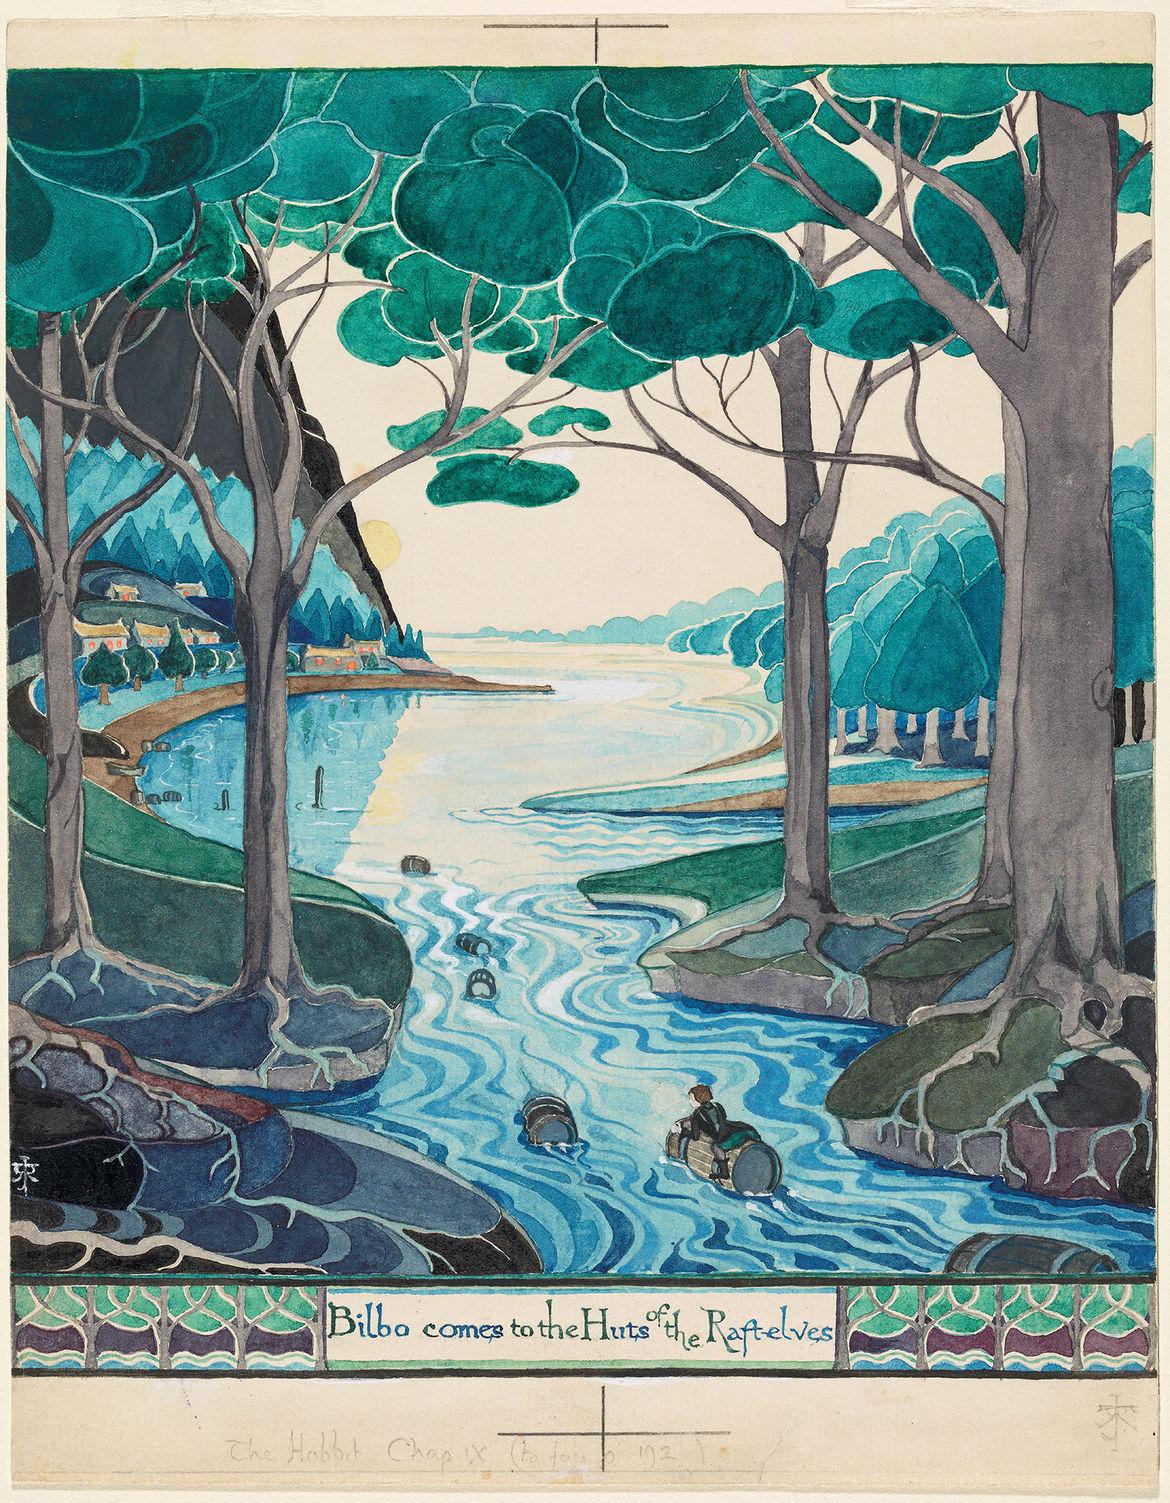 The Hobbit watercolor - The Morgan exhibition